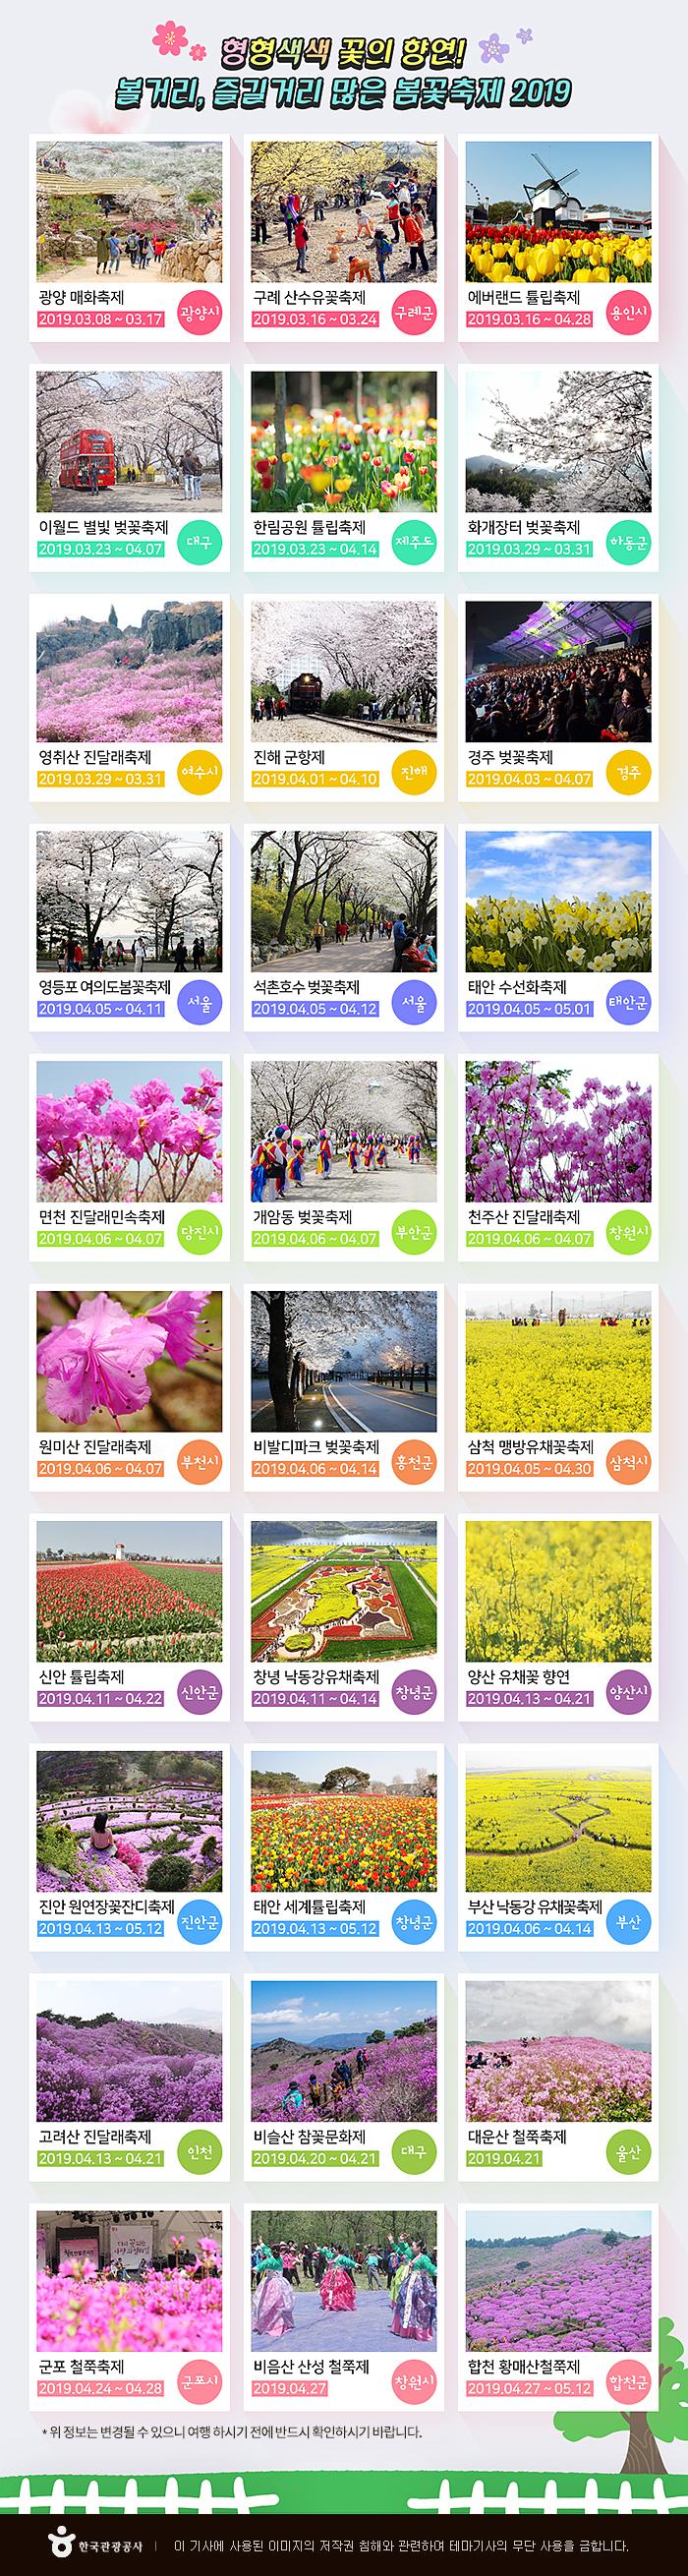 형형색색 꽃의 향연! 볼거리, 즐길거리 많은 봄꽃축제 2019